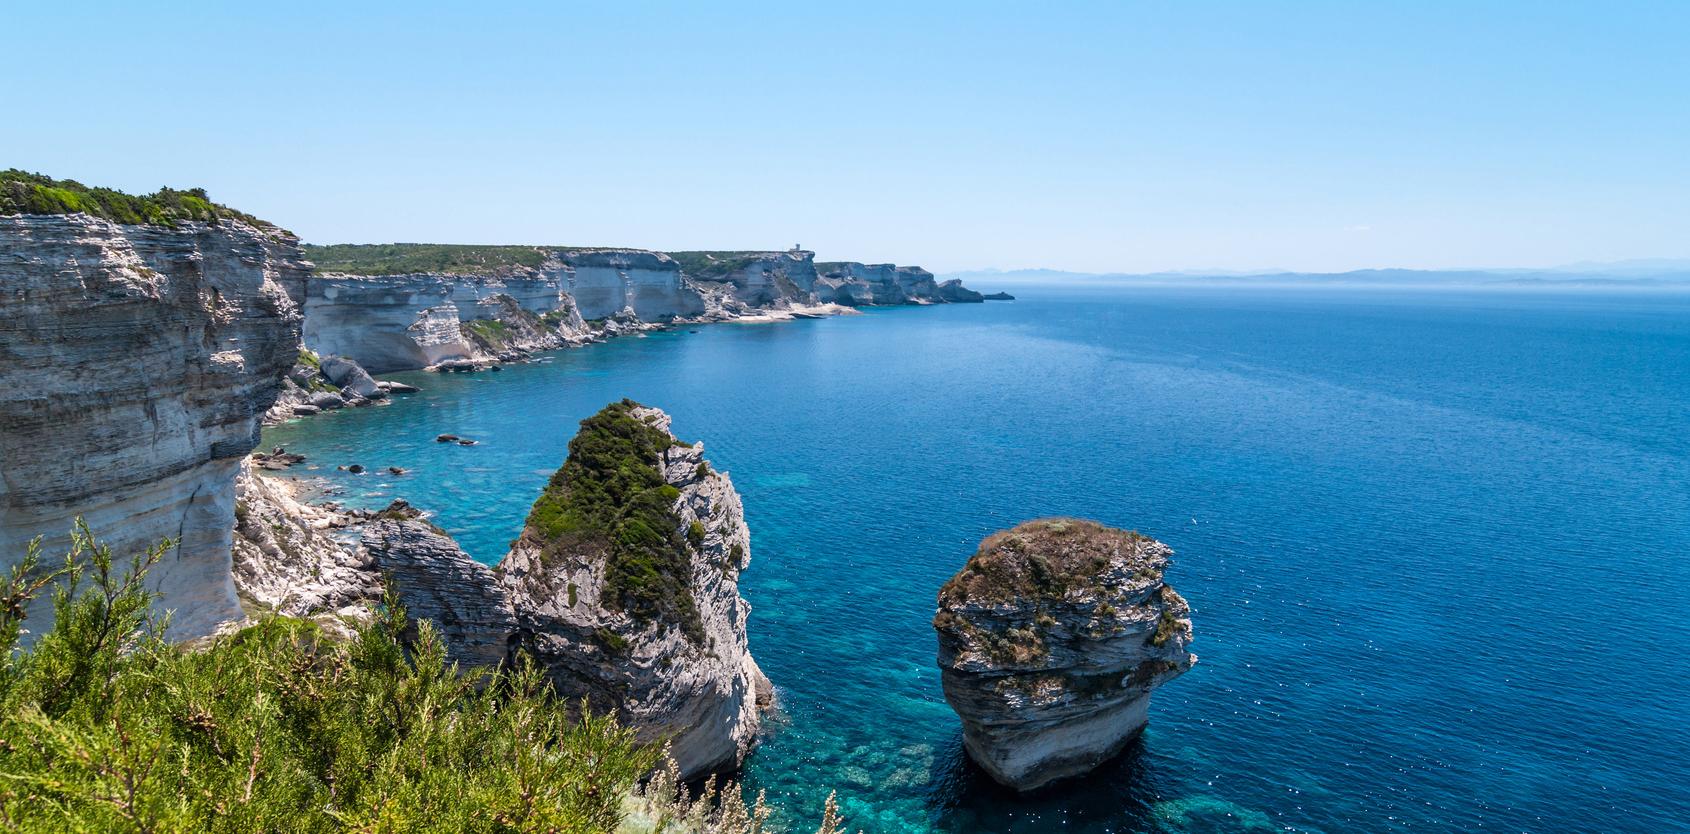 Francia (Mediterráneo)